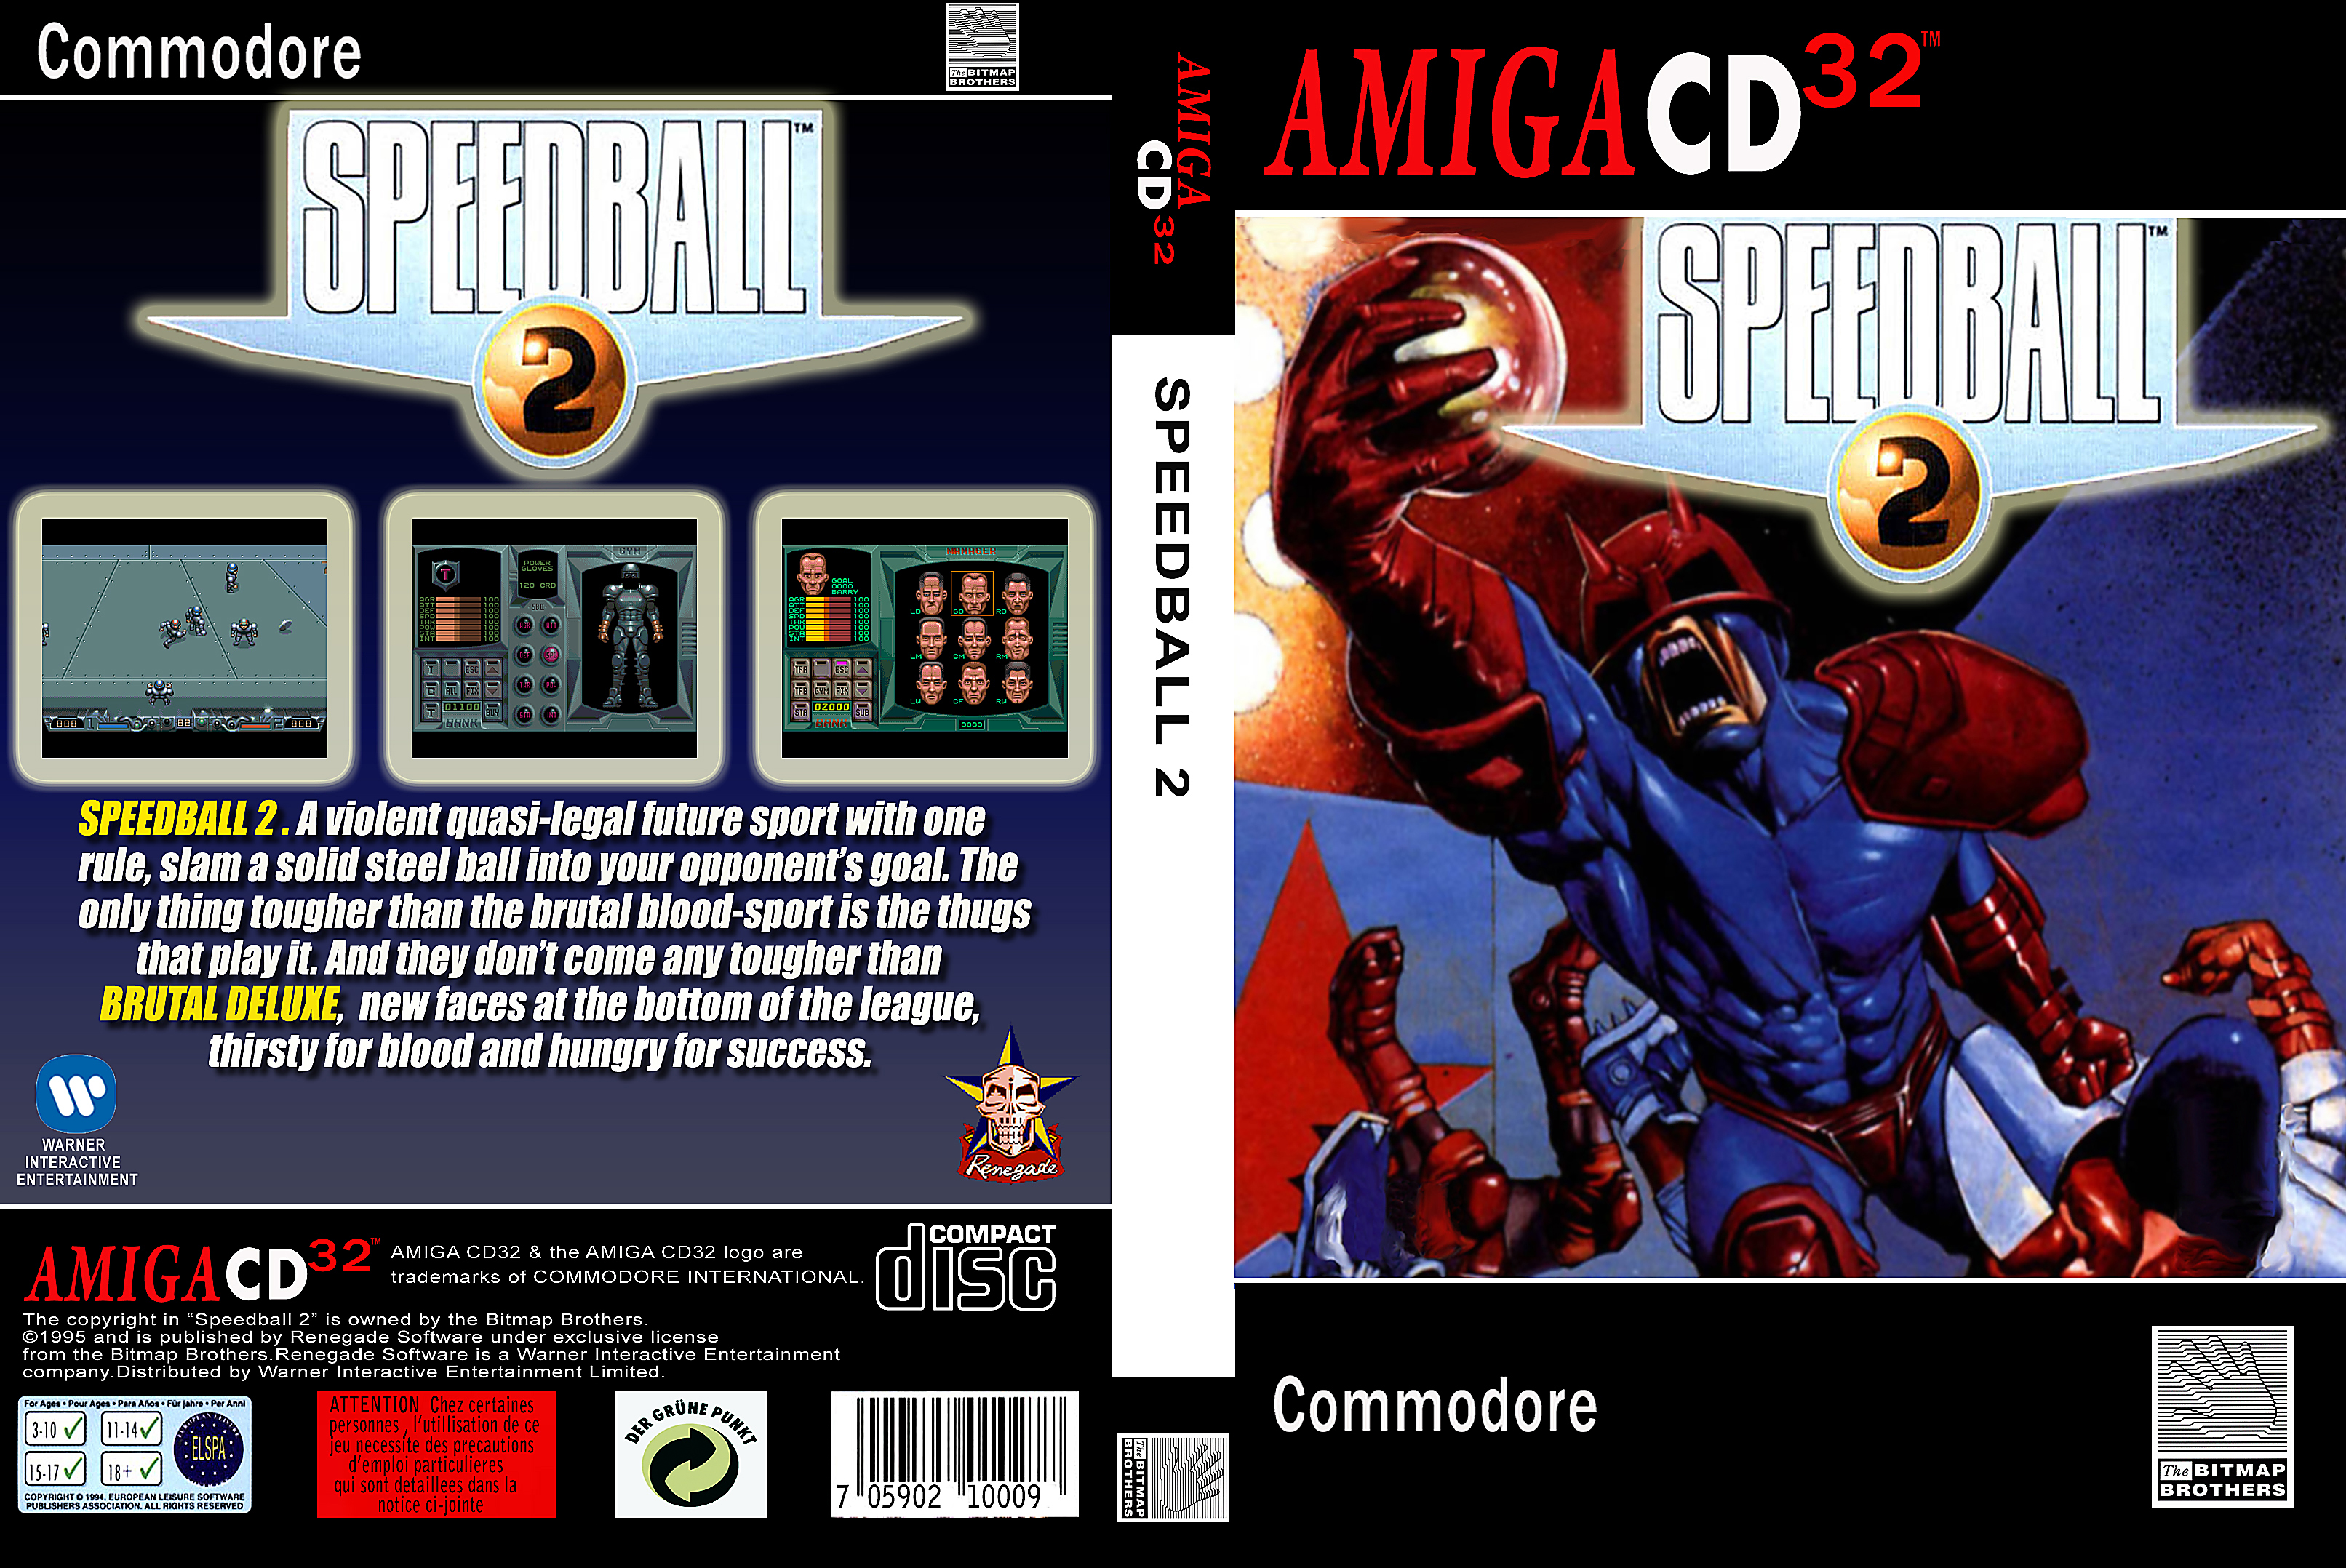 Commodore Amiga CD32 Game Cover Box Art